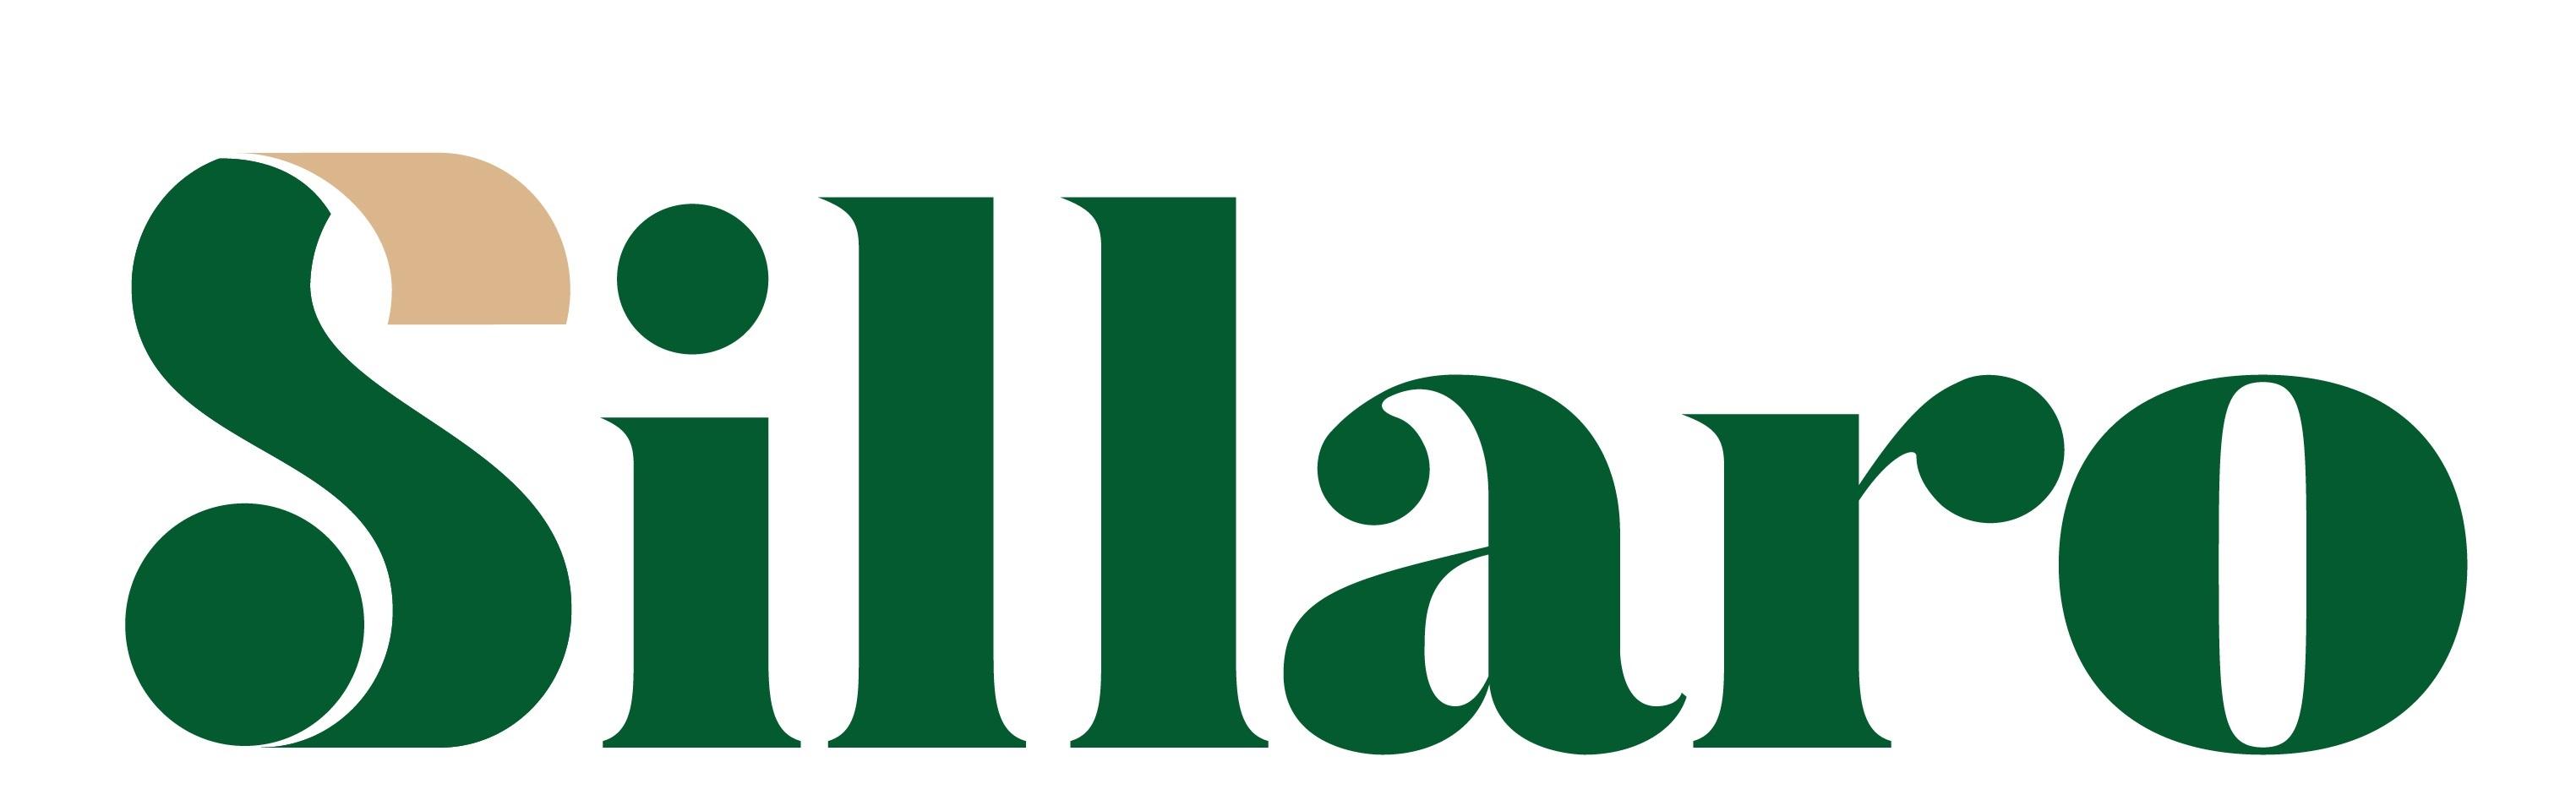 Sillaro logo